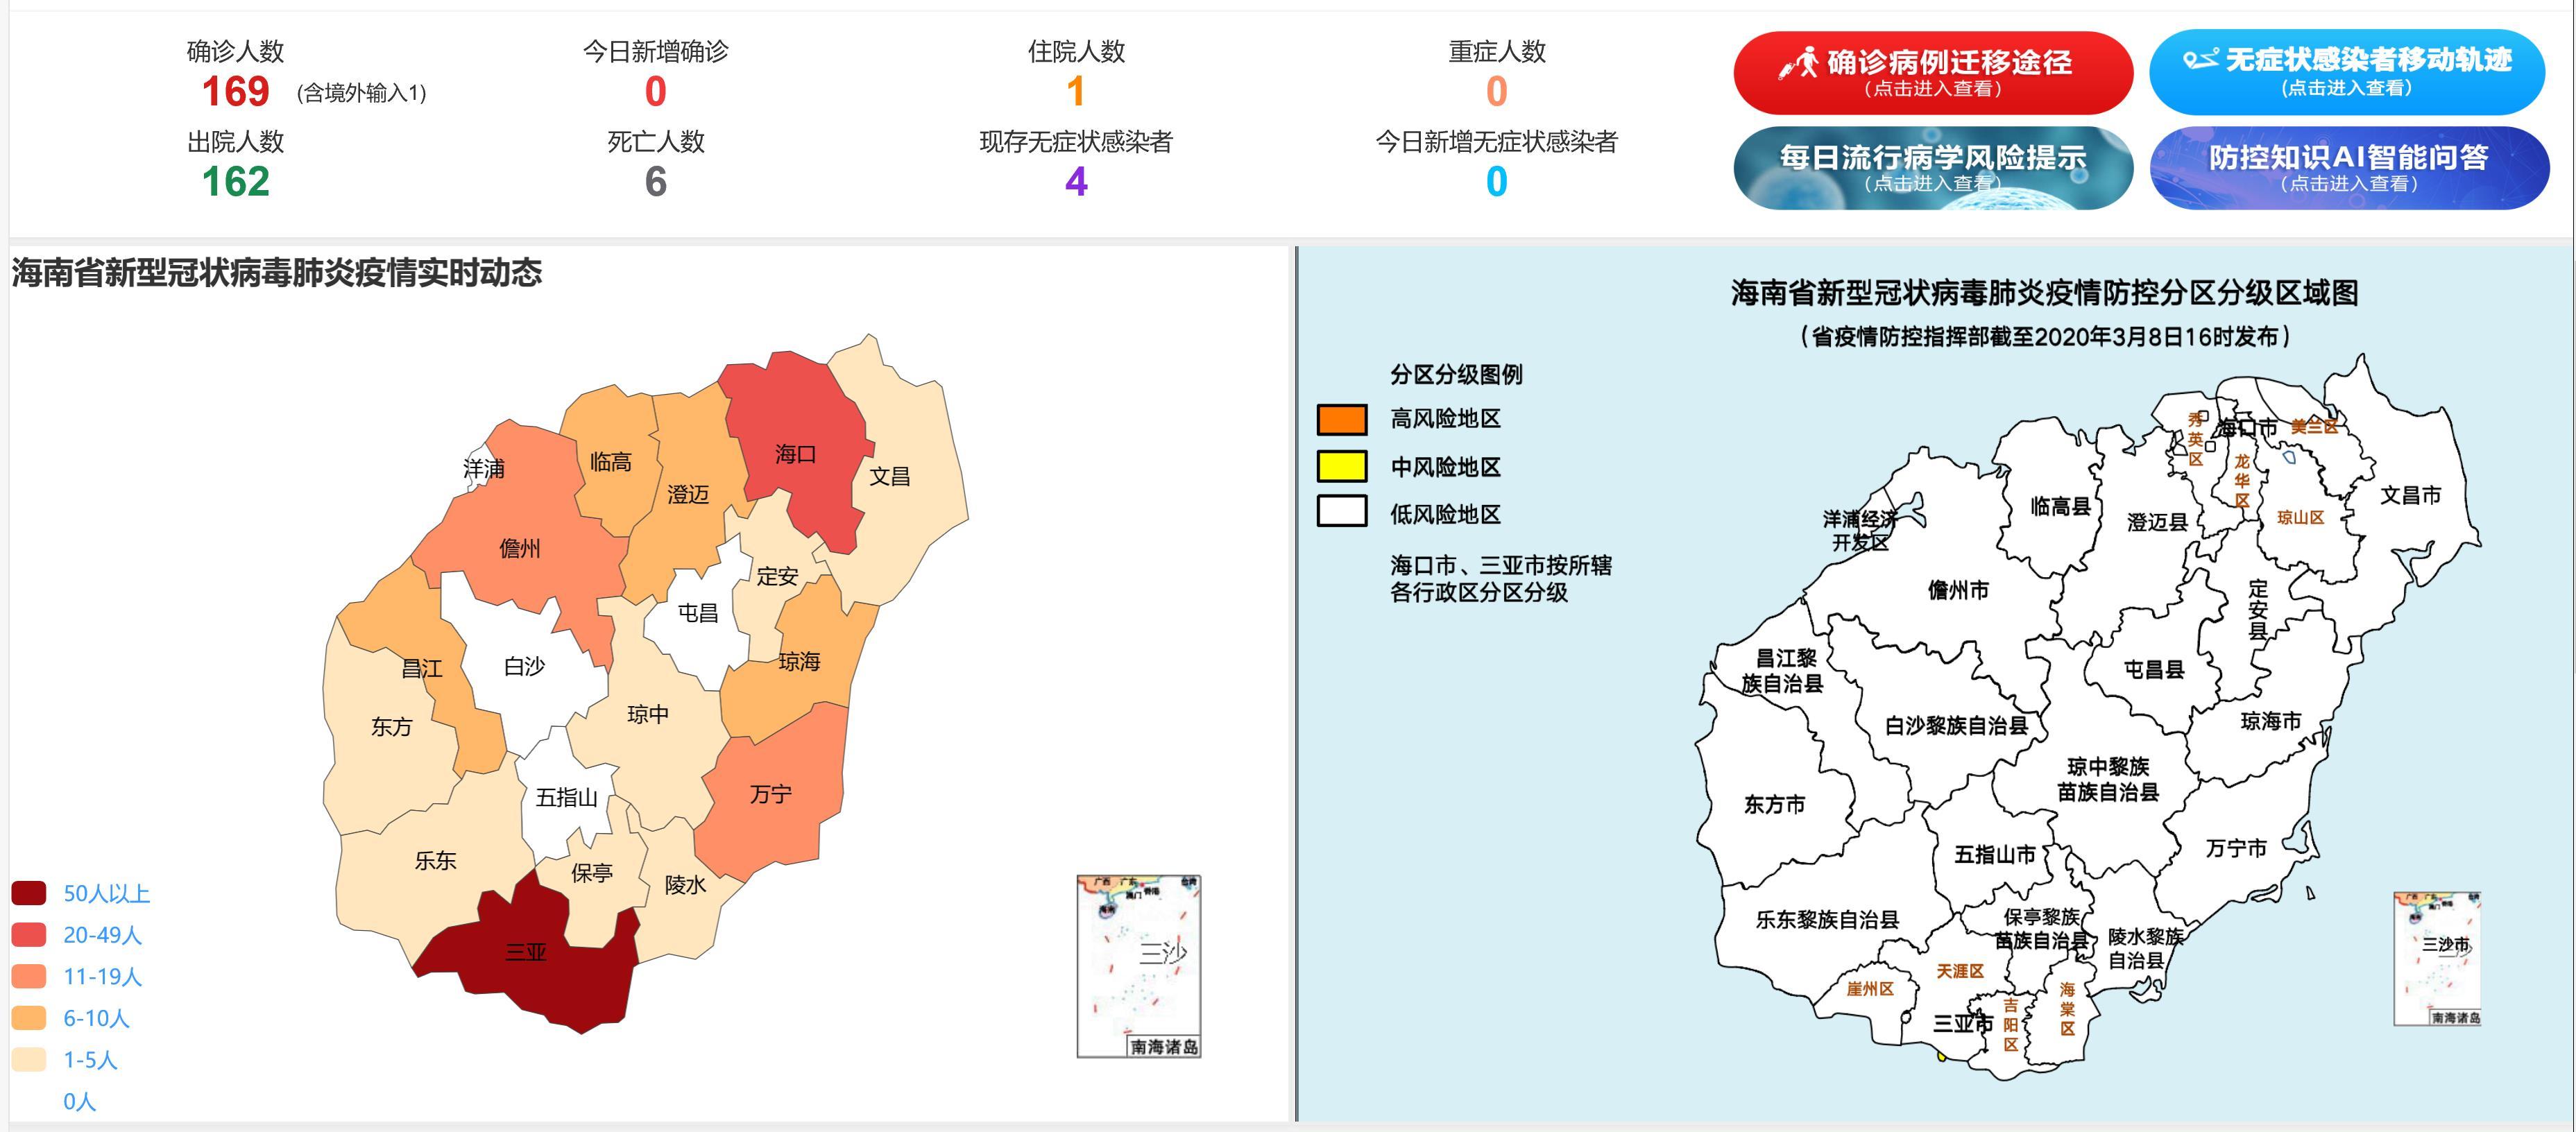 海南30日新增1例新冠肺炎无症状感染者 尚在医学观察4图片